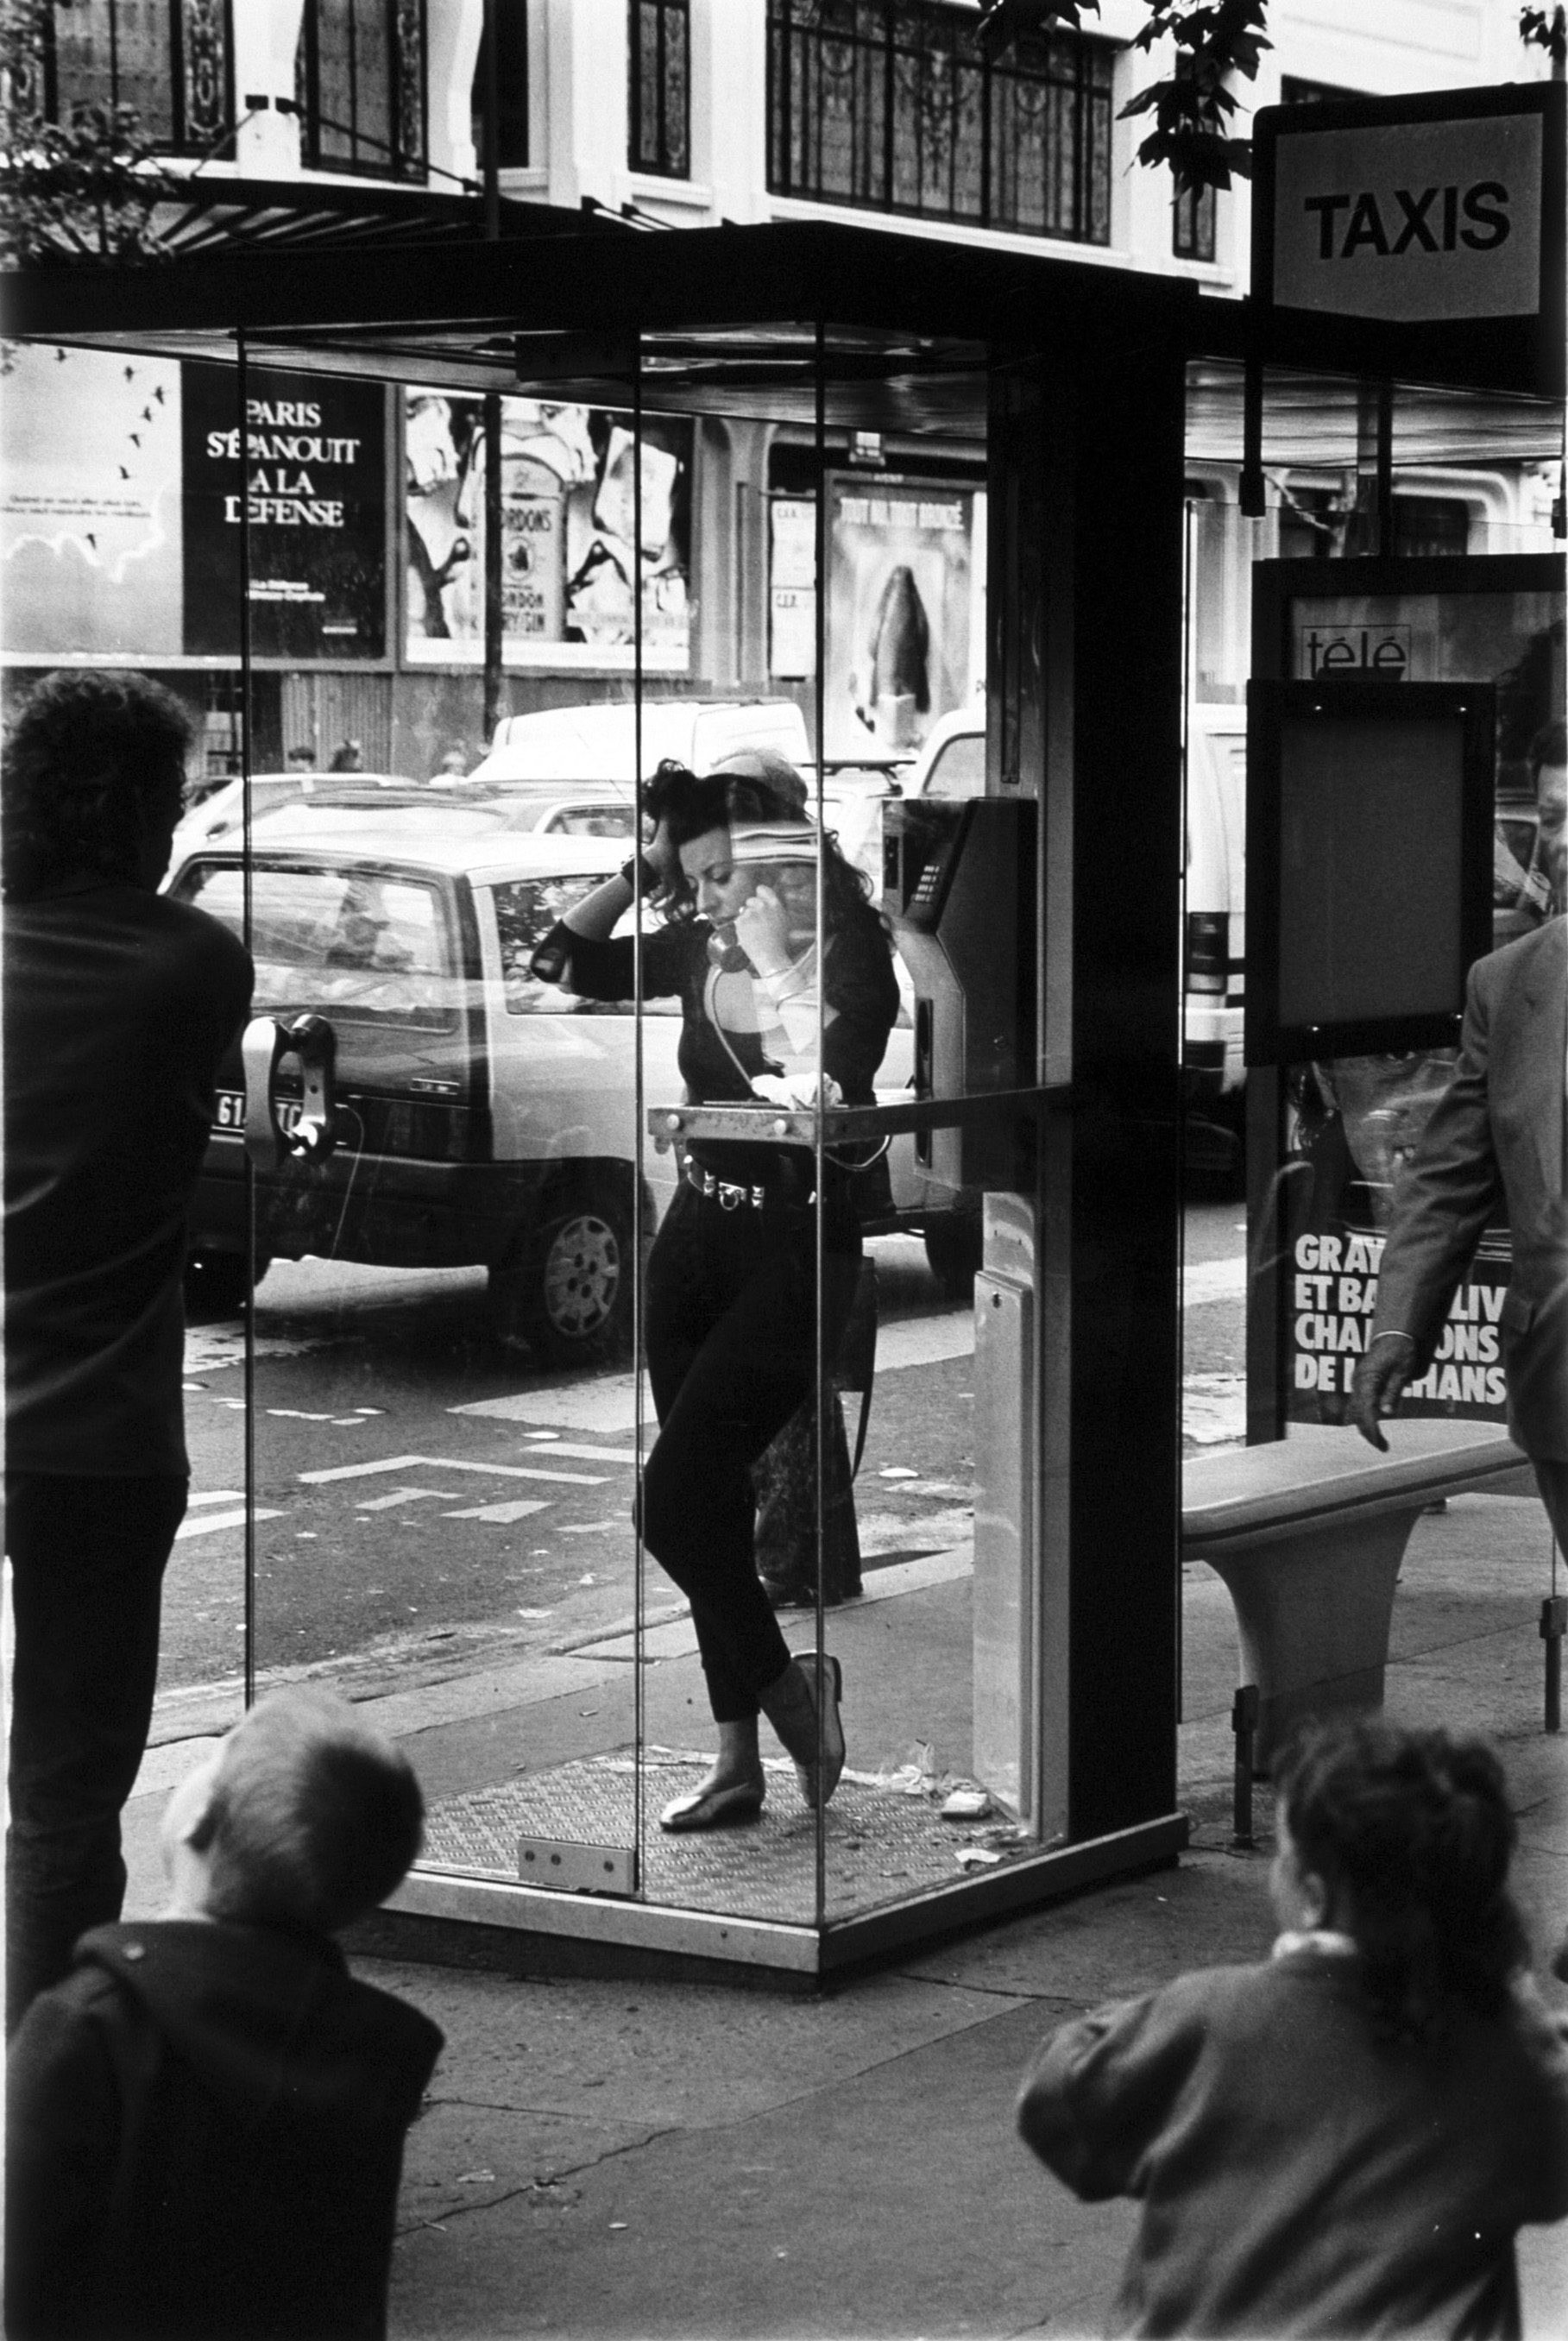 Paris phone booth